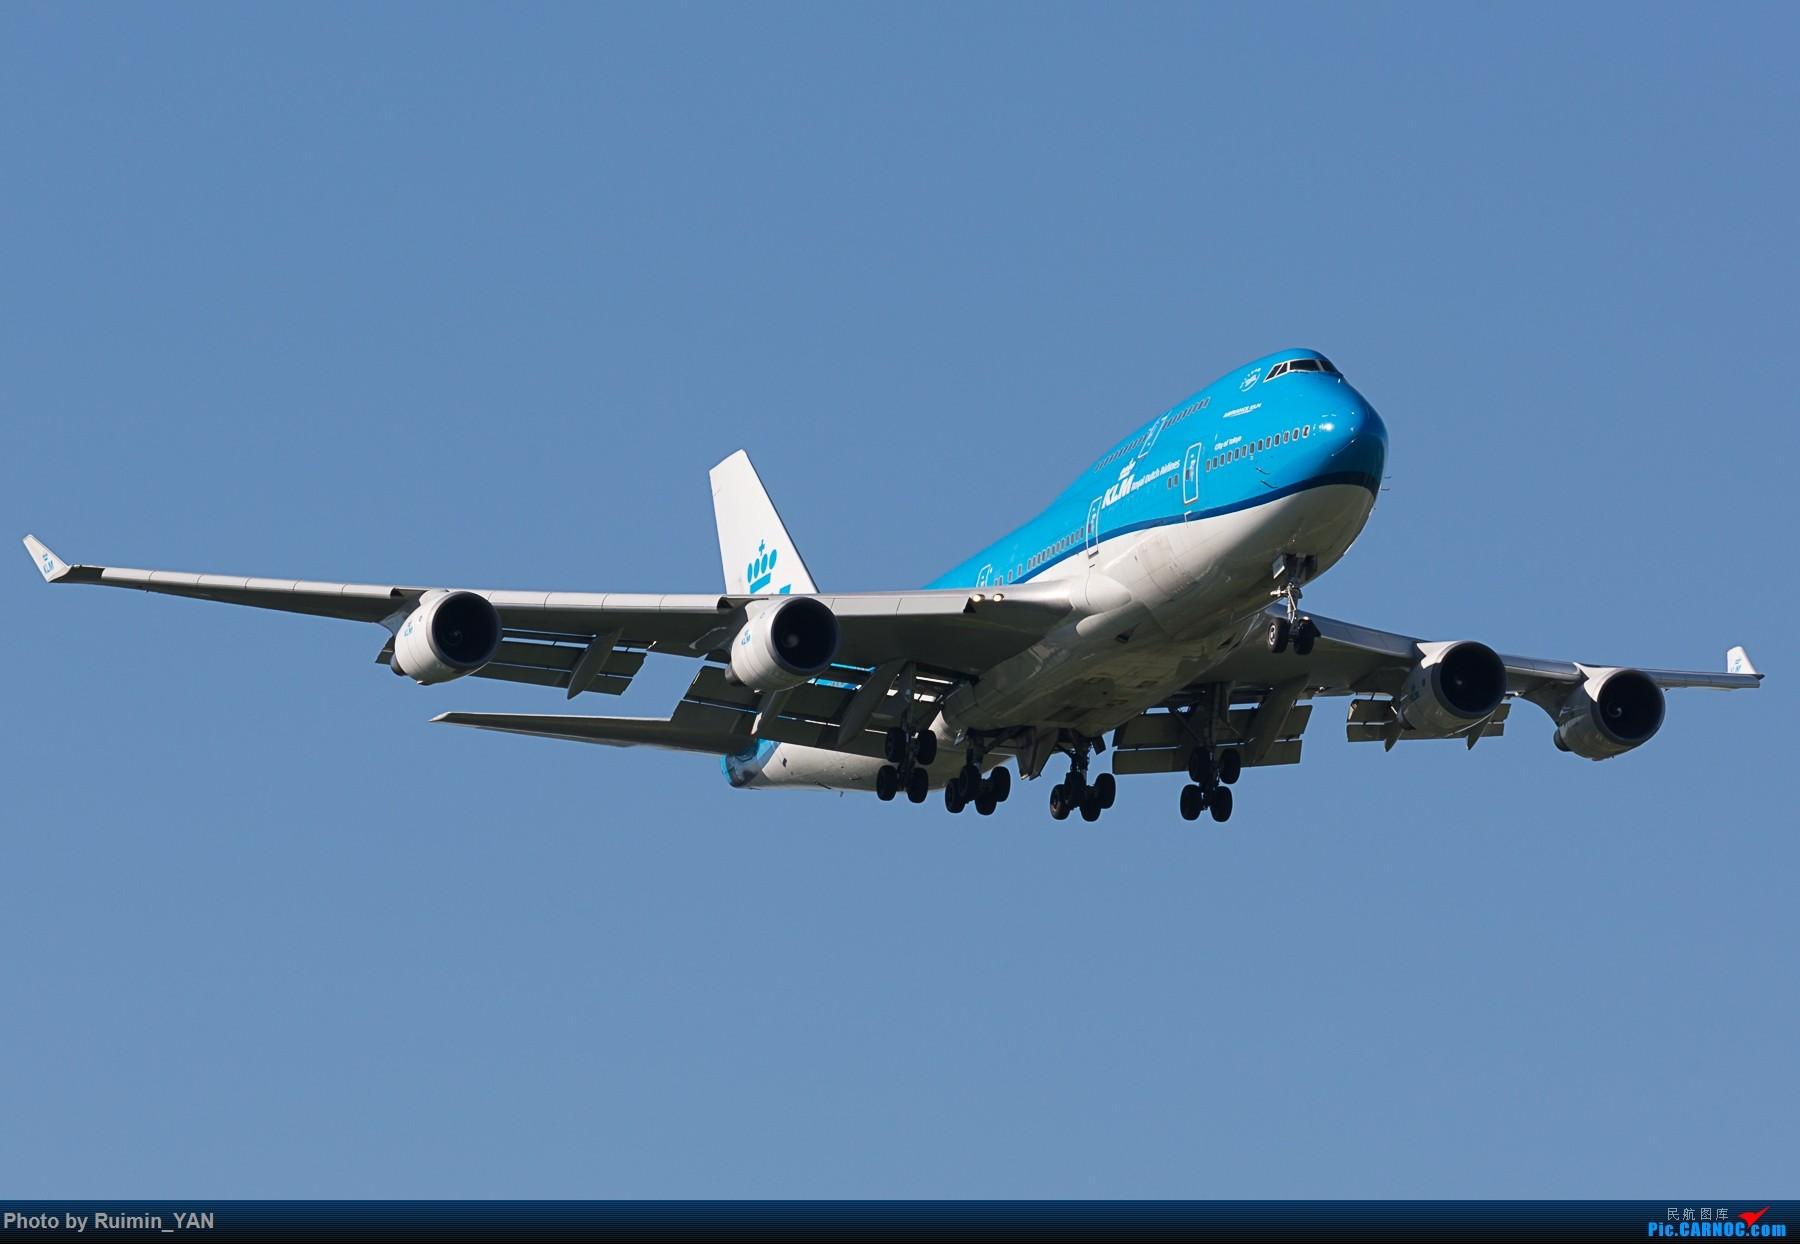 [原创]【PEK】【新装】荷兰皇家航空(KL,KLM Royal Dutch Airlines) PH-BFT B744 BOEING 747-400 PH-BFT 中国北京首都国际机场